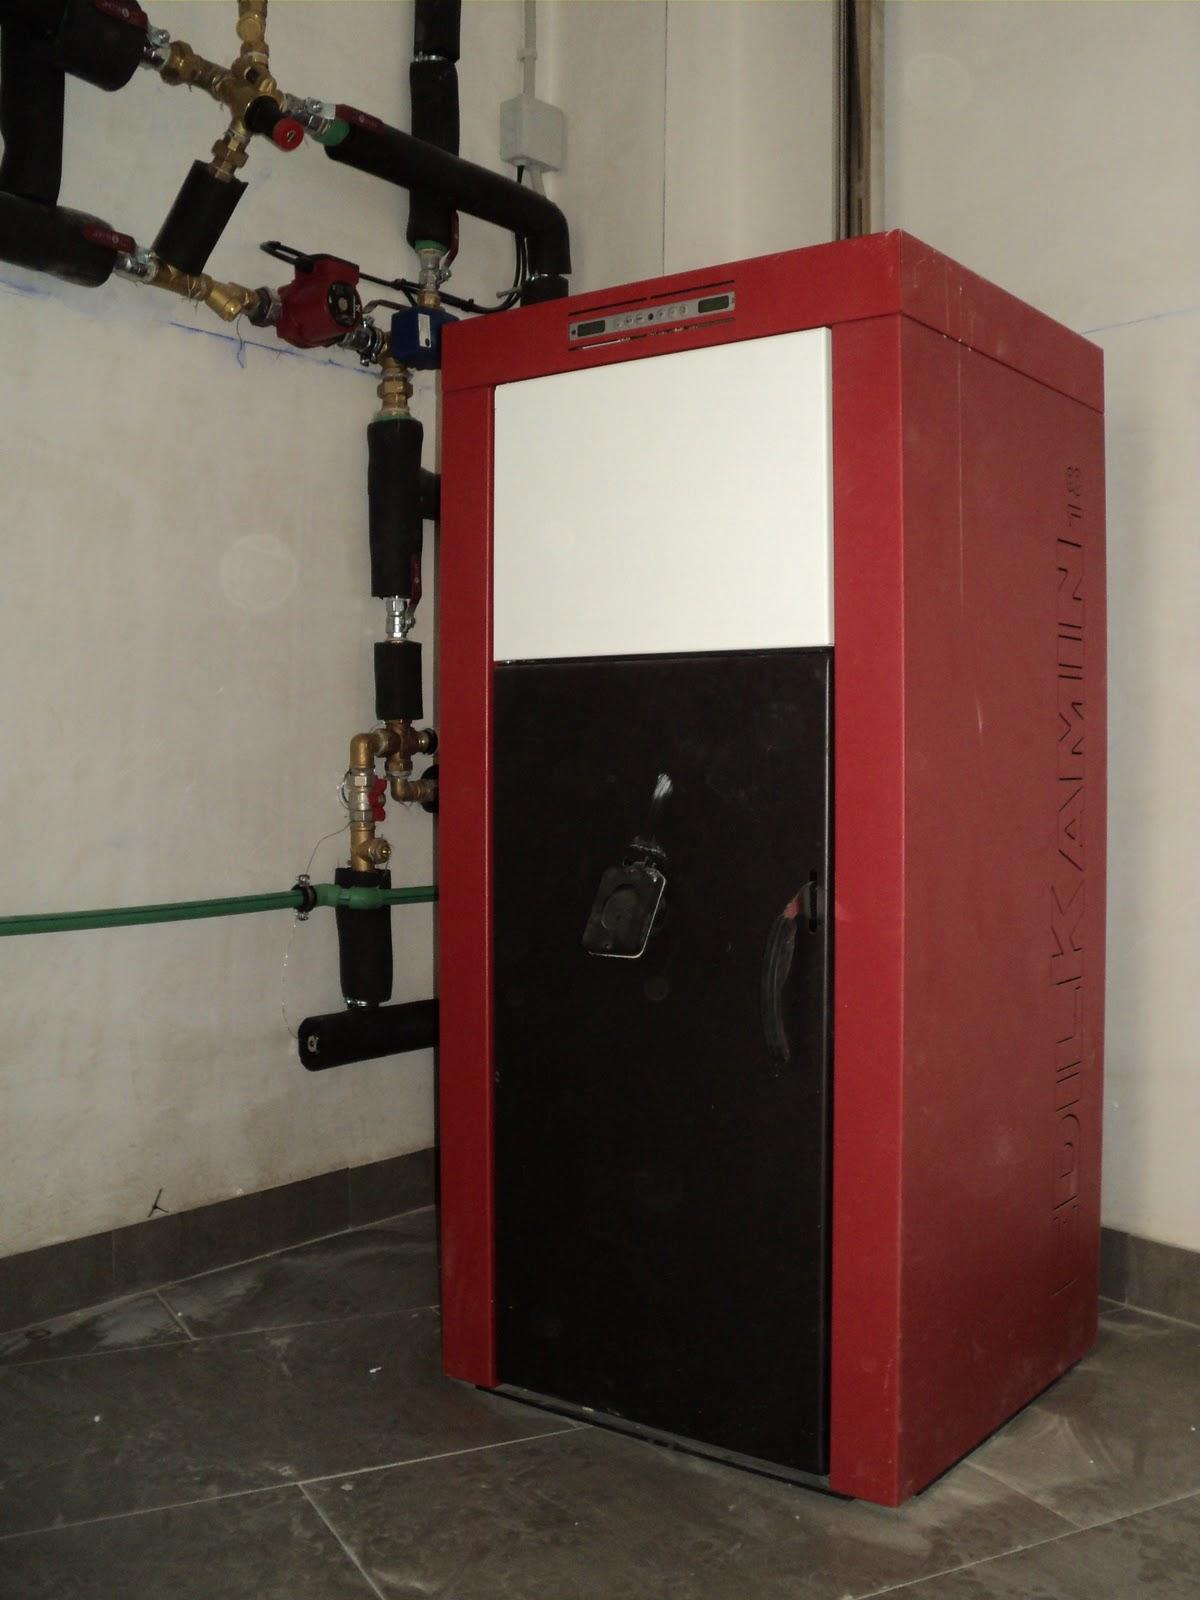 Entramados soluciones bioclim ticas instalaci n de - Caldera mixta lena pellet ...